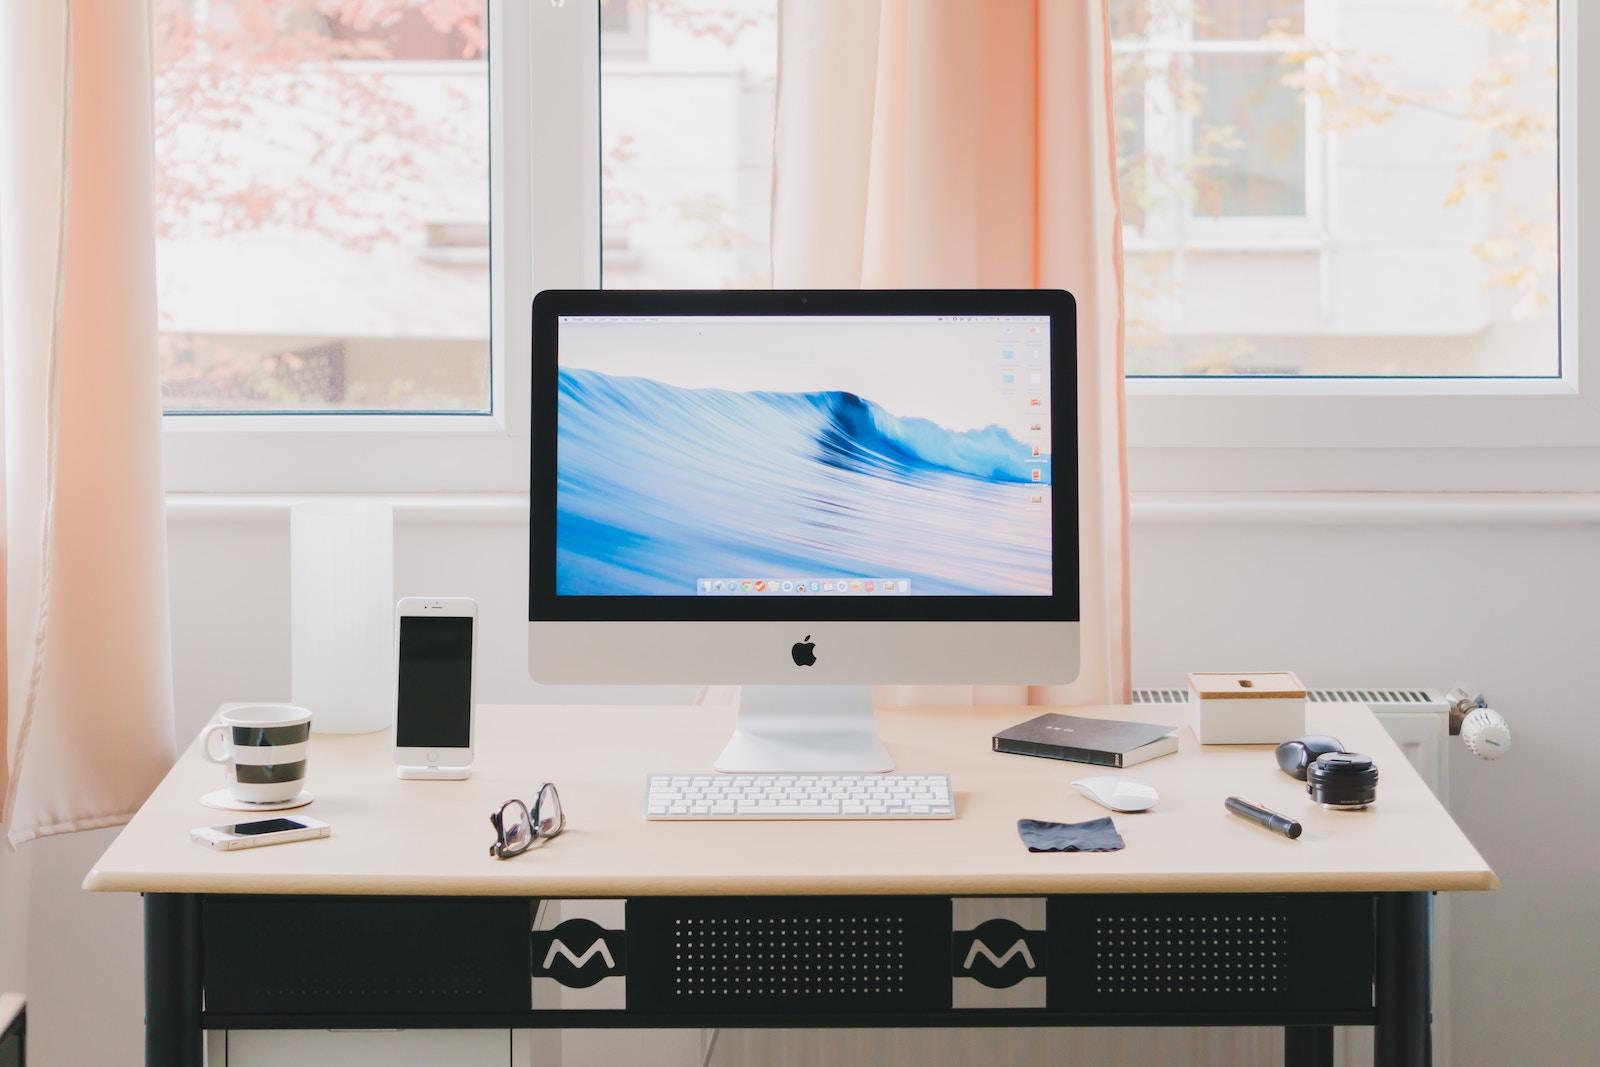 5 ایده برای سازماندهی سریع دفتر کار خانگی